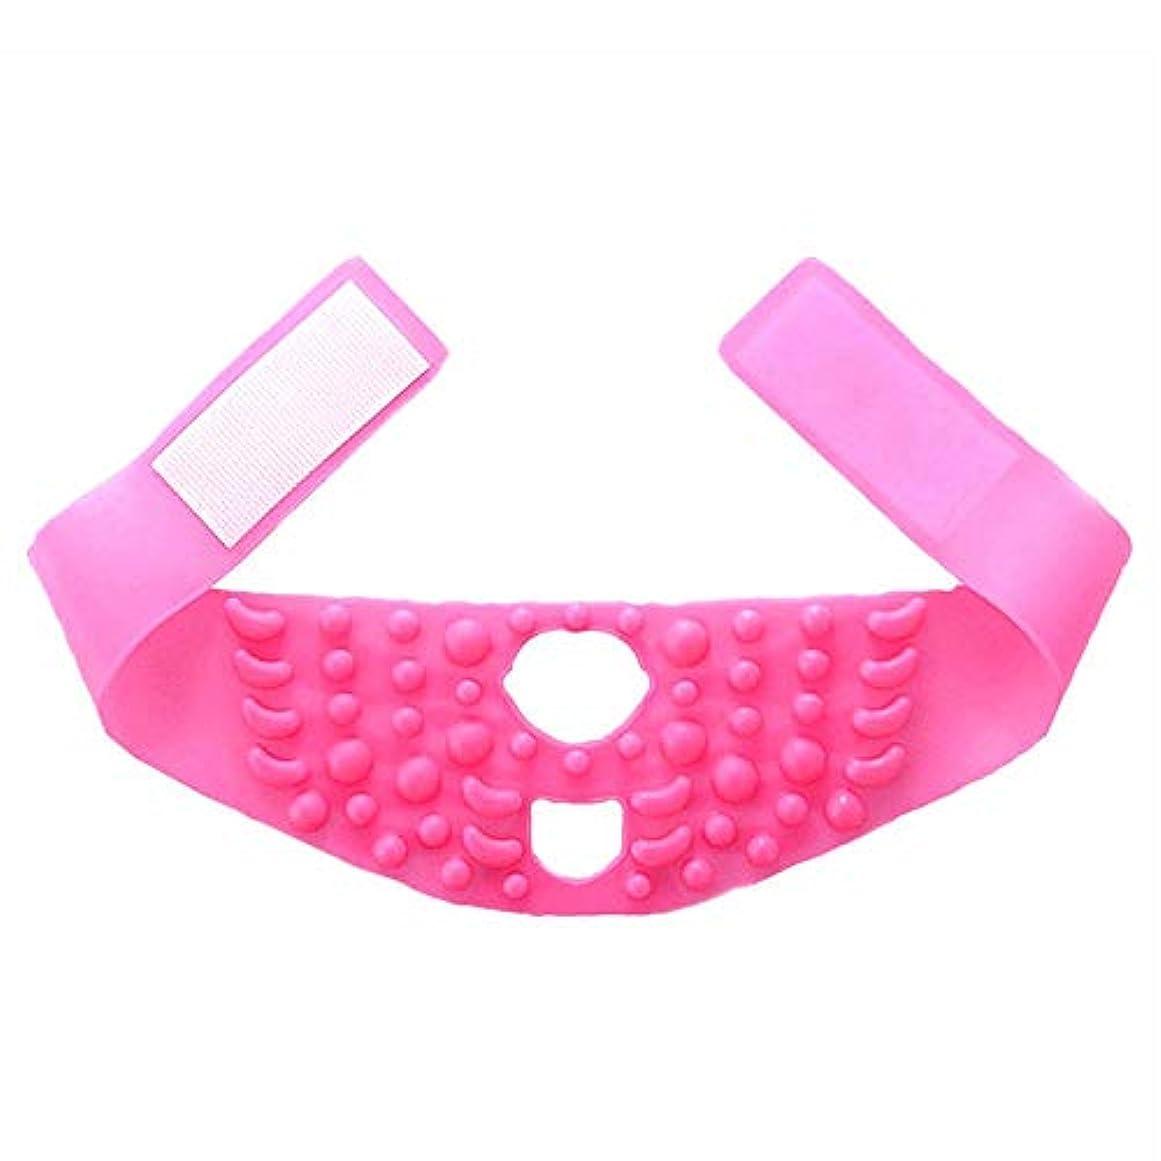 有能な権利を与える小麦Jia Jia- シンフェイスマスクシリコーンマッサージ引き締まった形の小さなVフェイスリフティングに薄いフェイスアーティファクト包帯を飾る - ピンク 顔面包帯